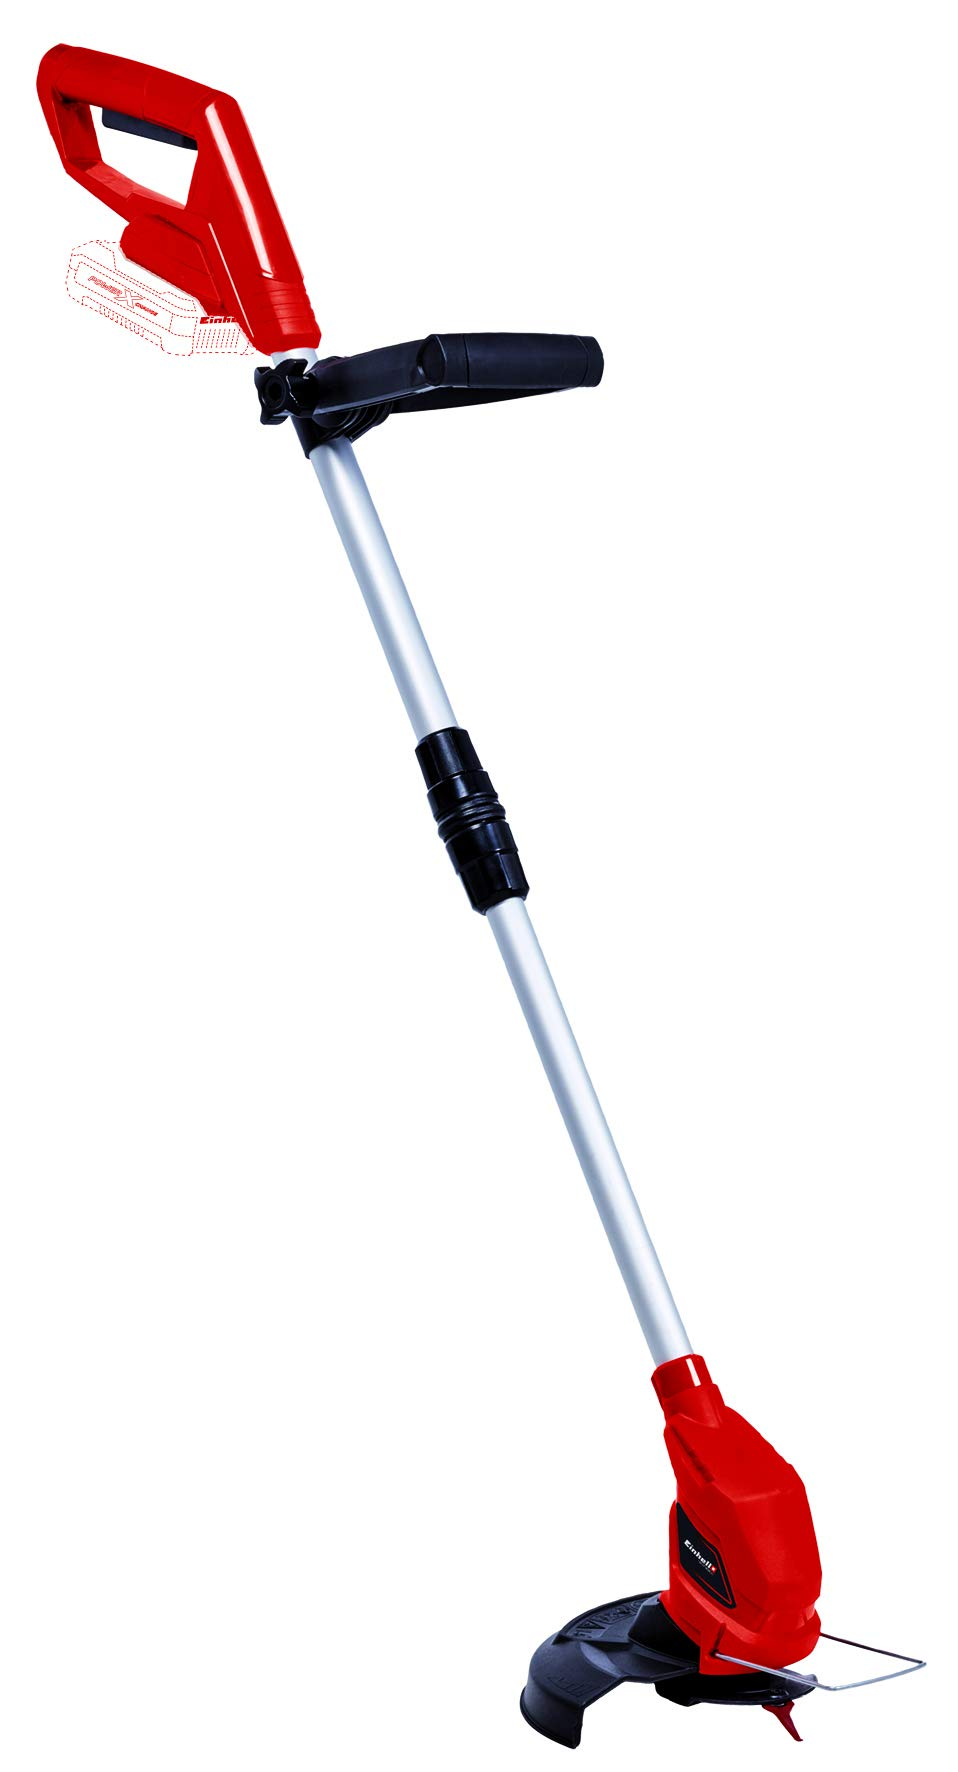 Einhell-Akku-Rasentrimmer-GC-CT-1824-Li-Solo-Power-X-Change-Li-Ion-verstellbarer-Teleskop-Fhrungsholm-und-Zusatzhandgriff-Flowerguard-inkl-20-Kunststoffmesser-ohne-Akku-und-Ladegert